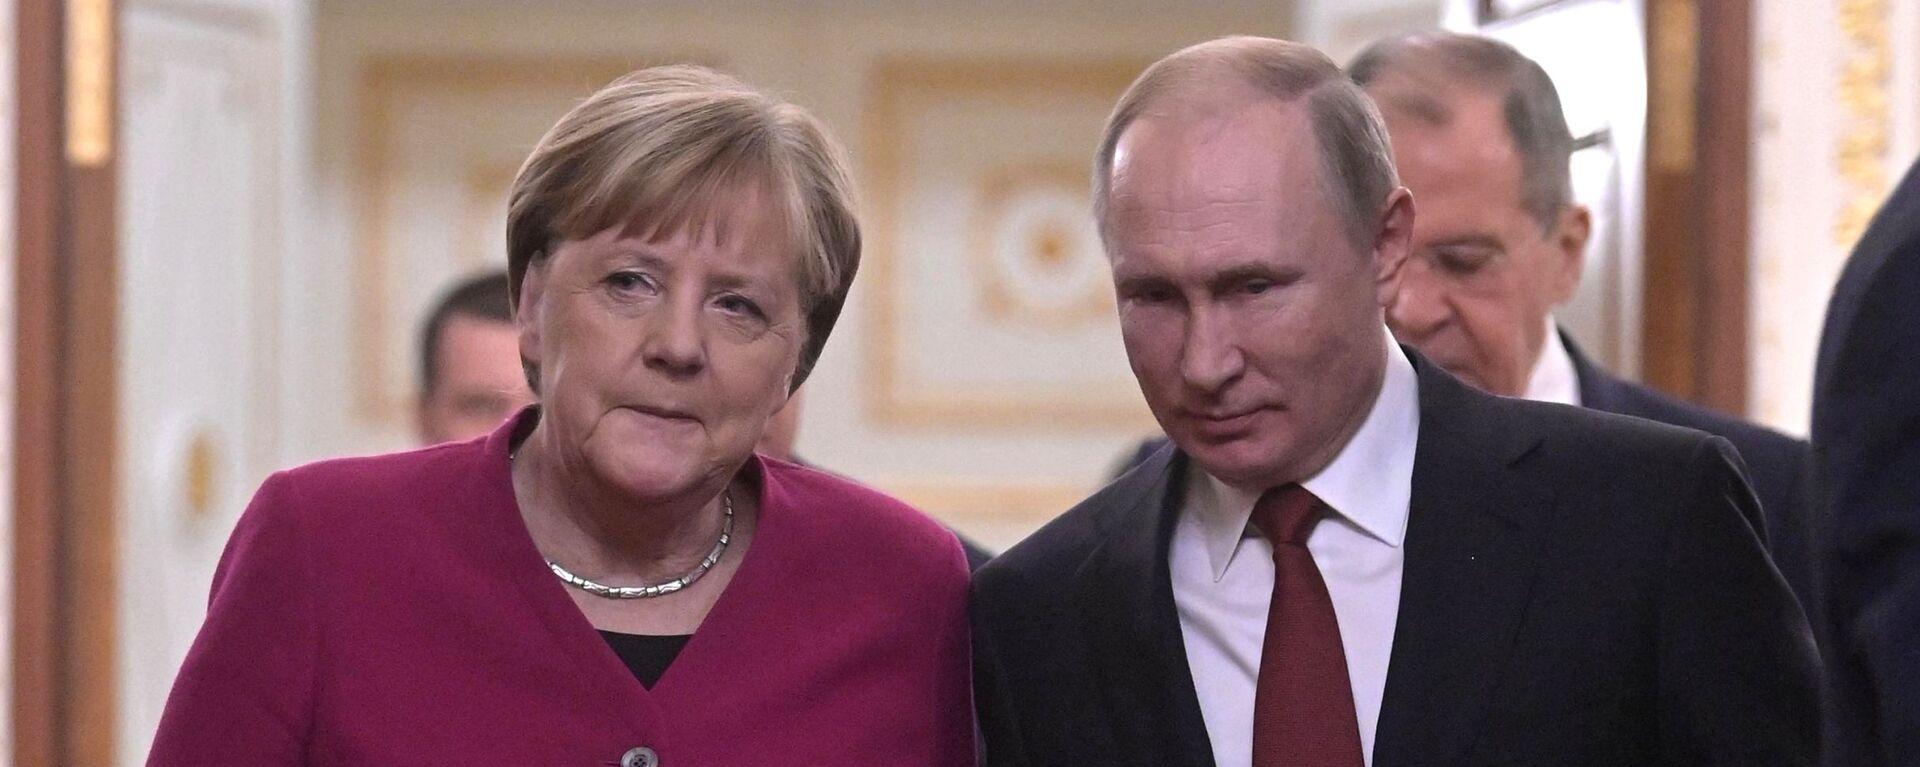 Президент РФ Владимир Путин и федеральный канцлер Германии Ангела Меркель - Sputnik Таджикистан, 1920, 12.07.2021